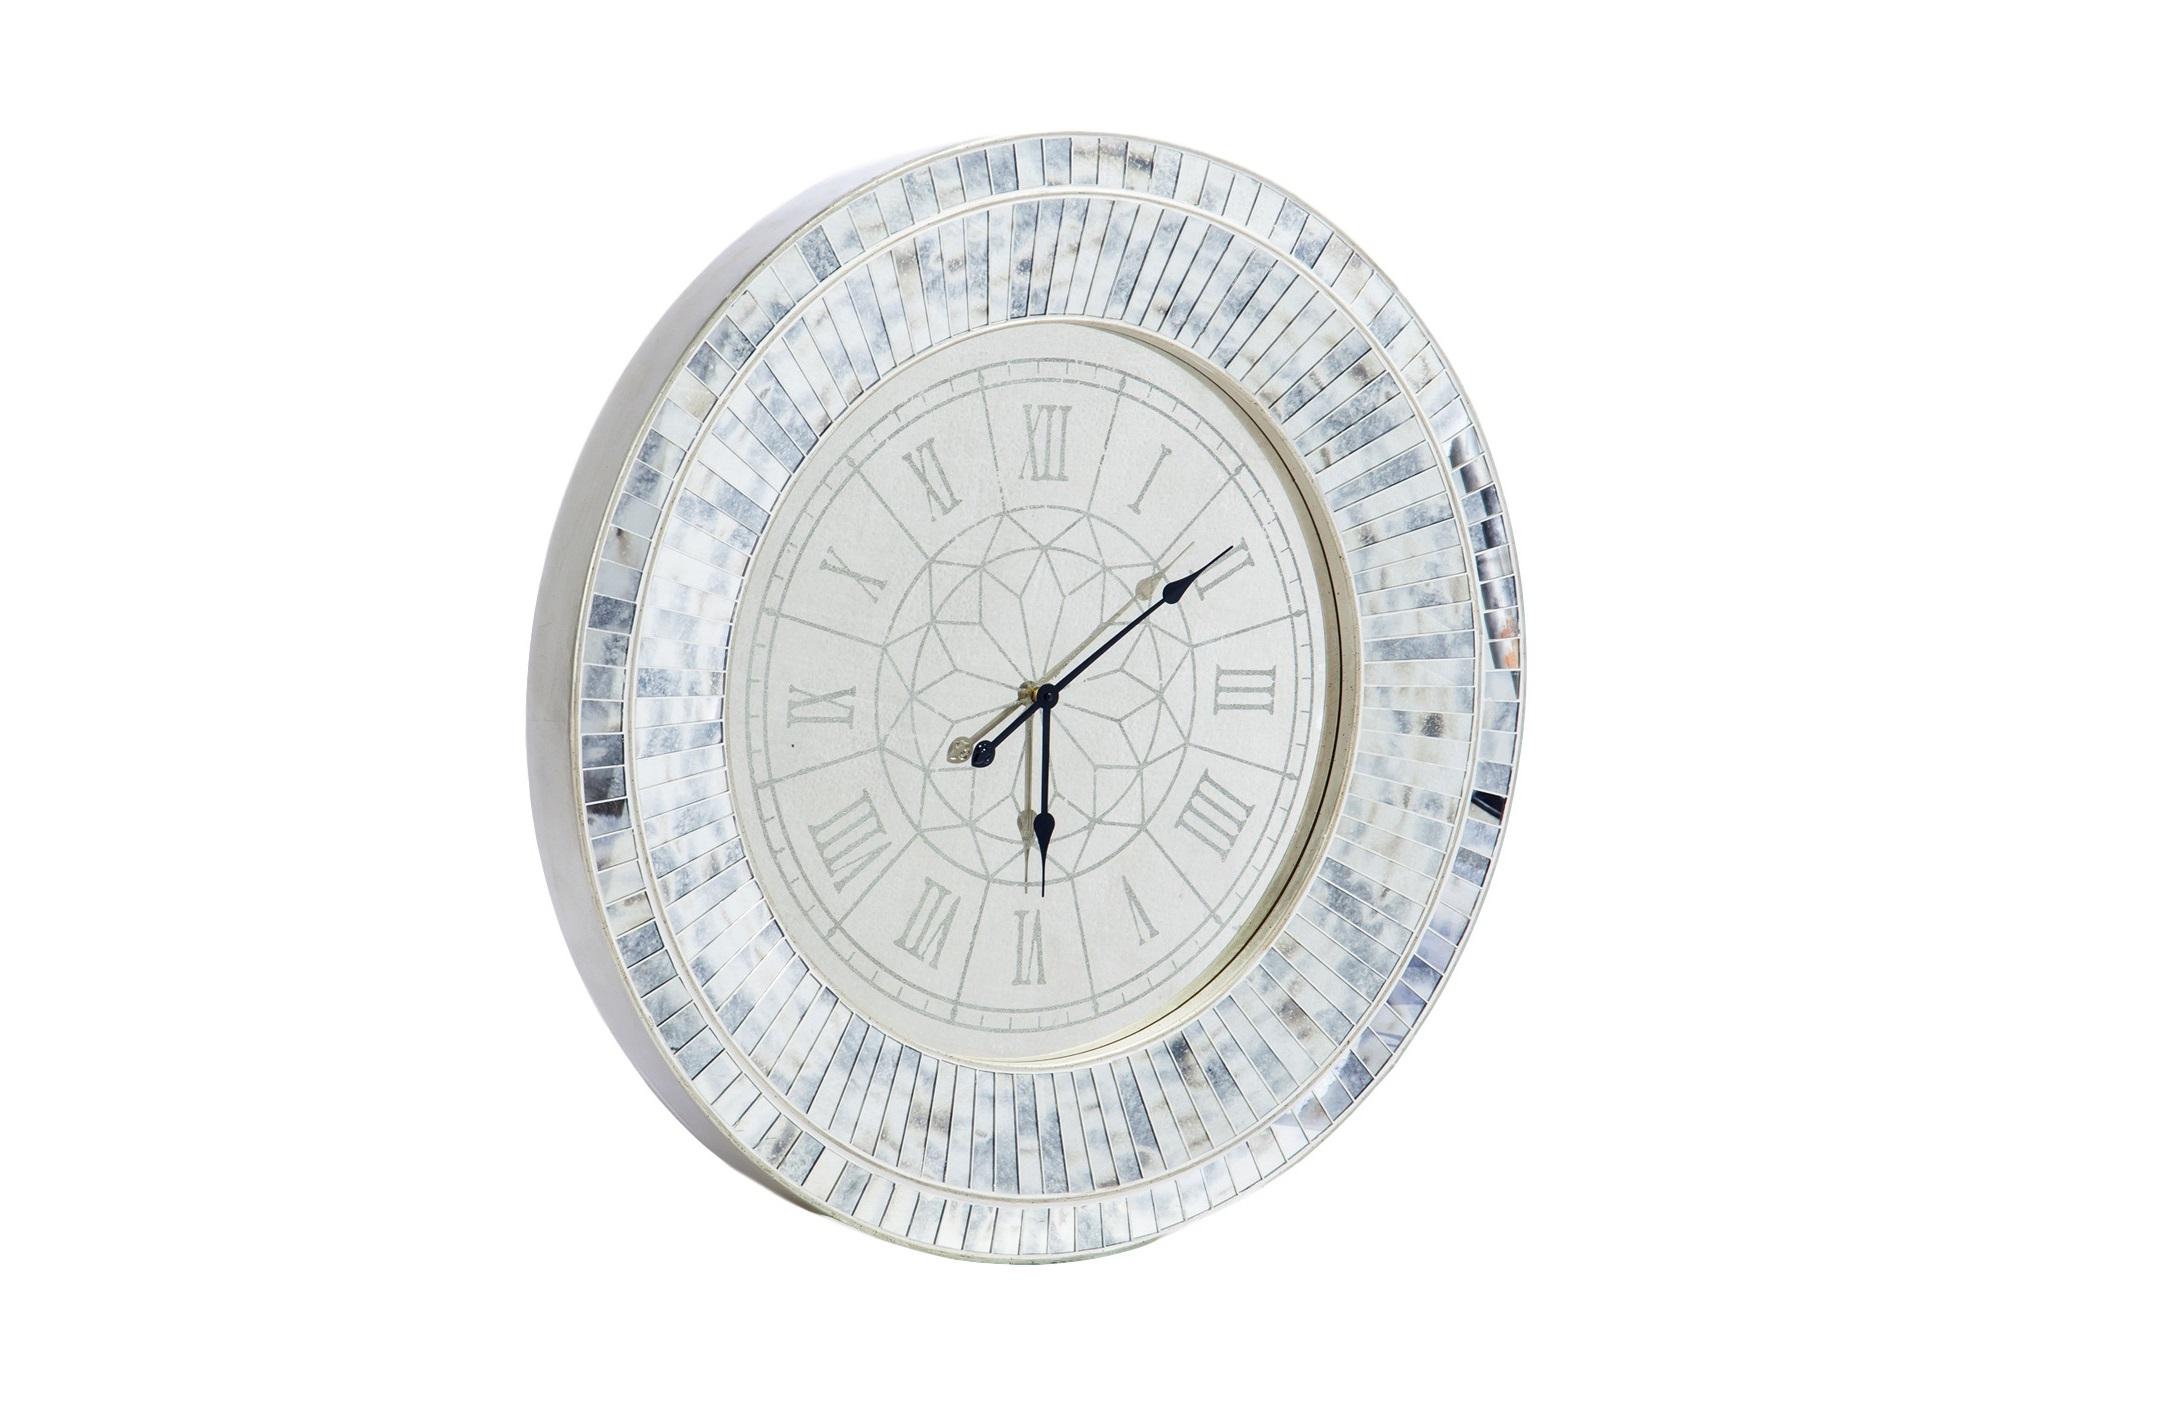 Часы настенныеНастенные часы<br>Часы в стиле арт-деко, декорированные вставками из зеркального стекла.&amp;lt;div&amp;gt;&amp;lt;br&amp;gt;&amp;lt;/div&amp;gt;&amp;lt;div&amp;gt;&amp;lt;div&amp;gt;Механизм: кварц&amp;lt;/div&amp;gt;&amp;lt;div&amp;gt;&amp;lt;br&amp;gt;&amp;lt;/div&amp;gt;&amp;lt;/div&amp;gt;<br><br>Material: Стекло<br>Depth см: 10<br>Diameter см: 101